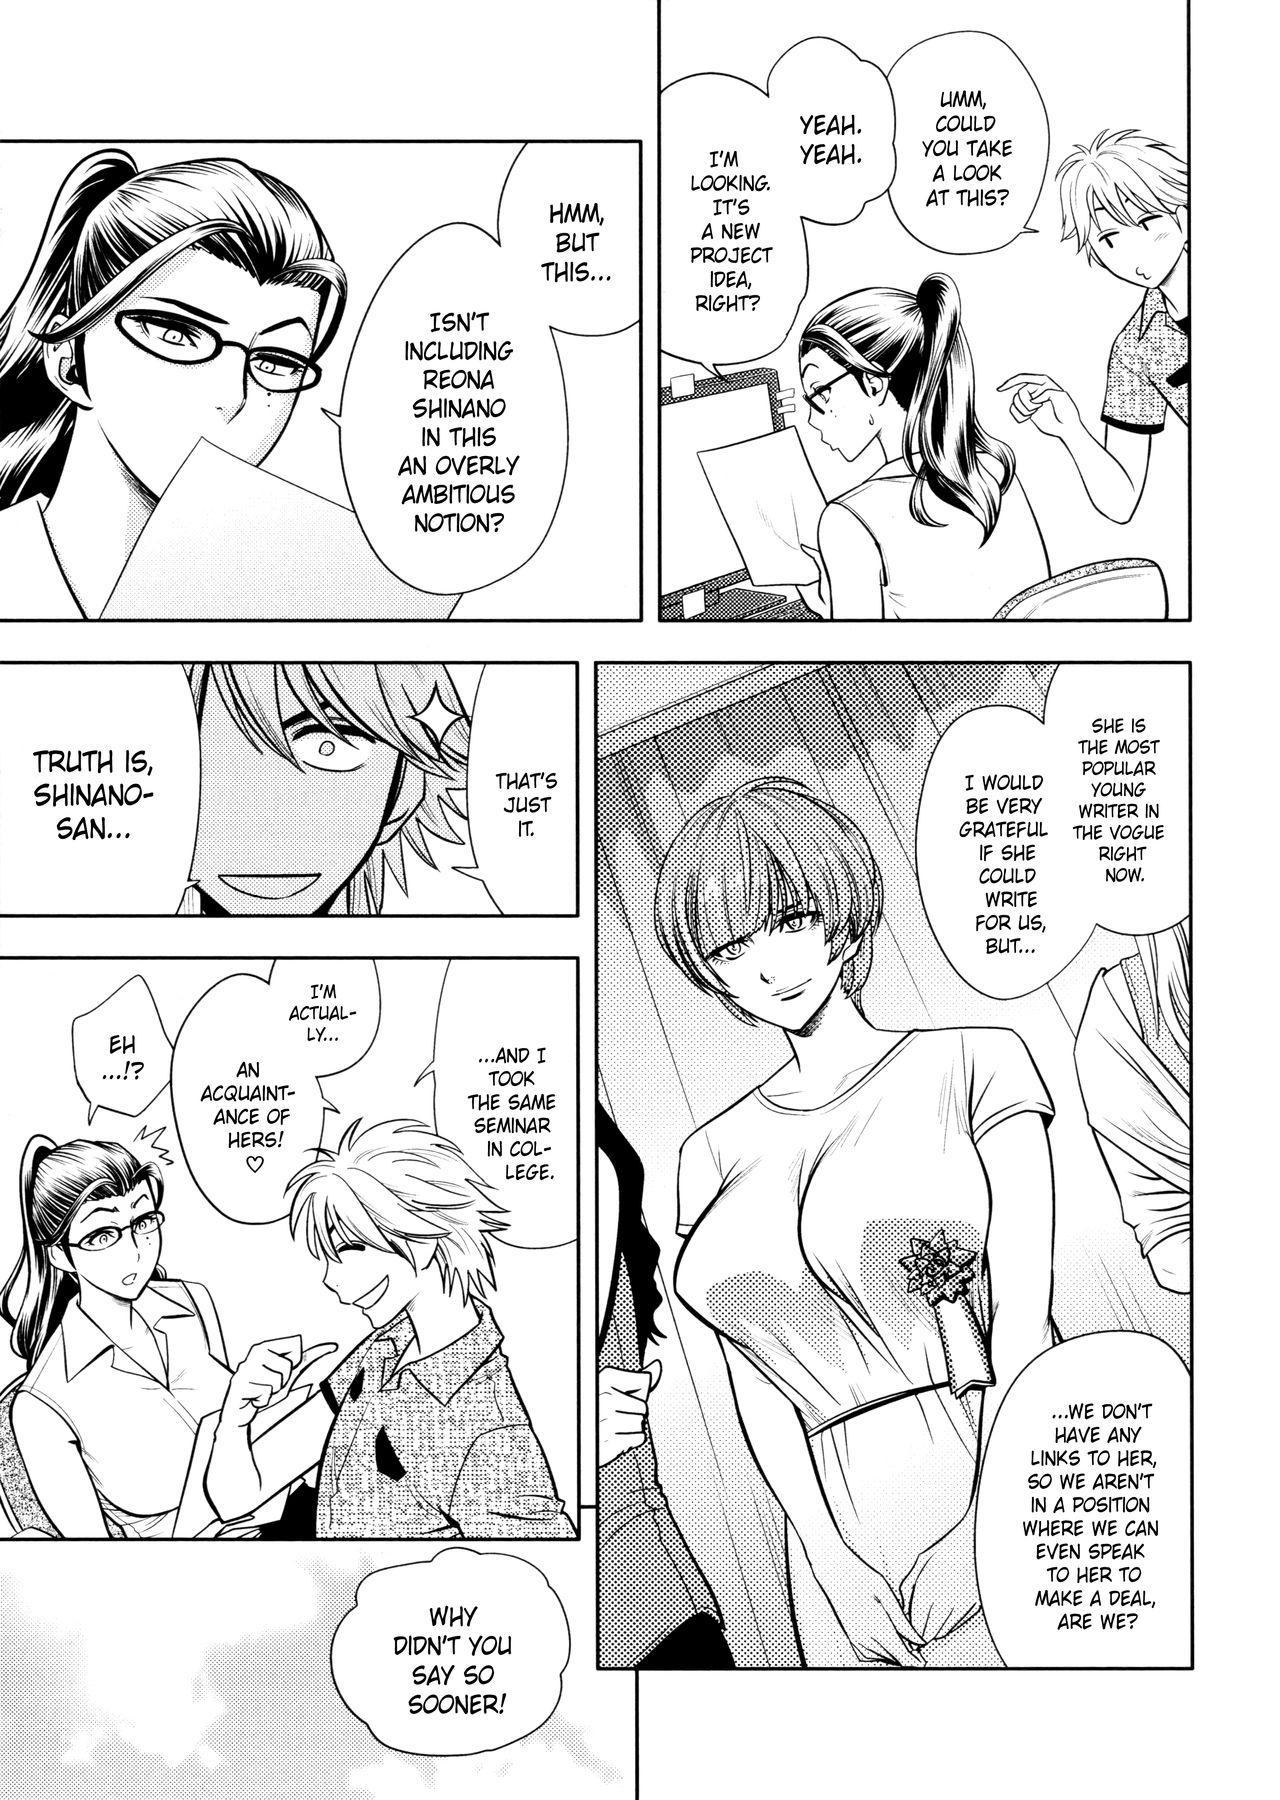 [Tatsunami Youtoku, Yamazaki Masato] Bijin Henshuu-chou no Himitsu | Beautiful Editor-in-Chief's Secret Ch. 1-7 [English] [Forbiddenfetish77, Red Vodka, Crystalium, CEDR777] [Decensored] 106